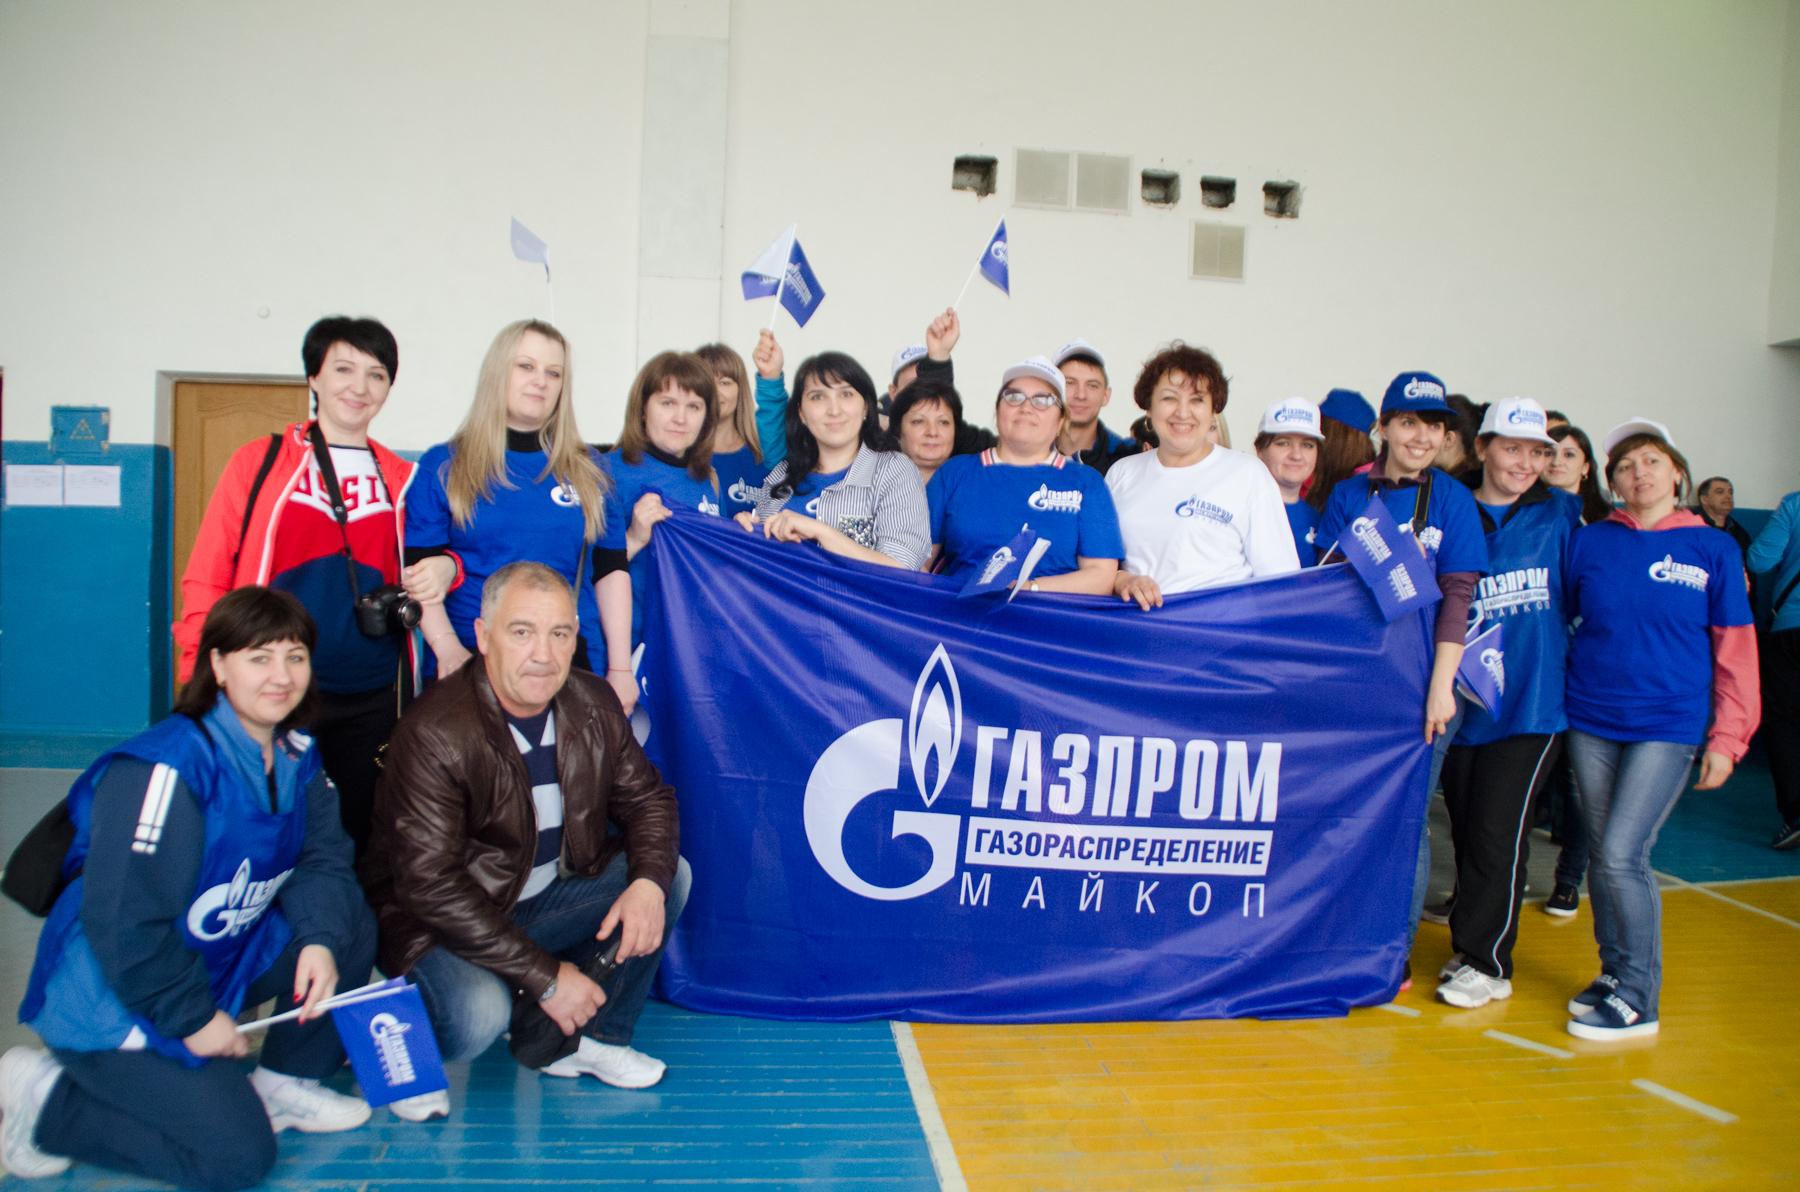 2017-05-24-Gazprom-Spartakiada-Habez-21